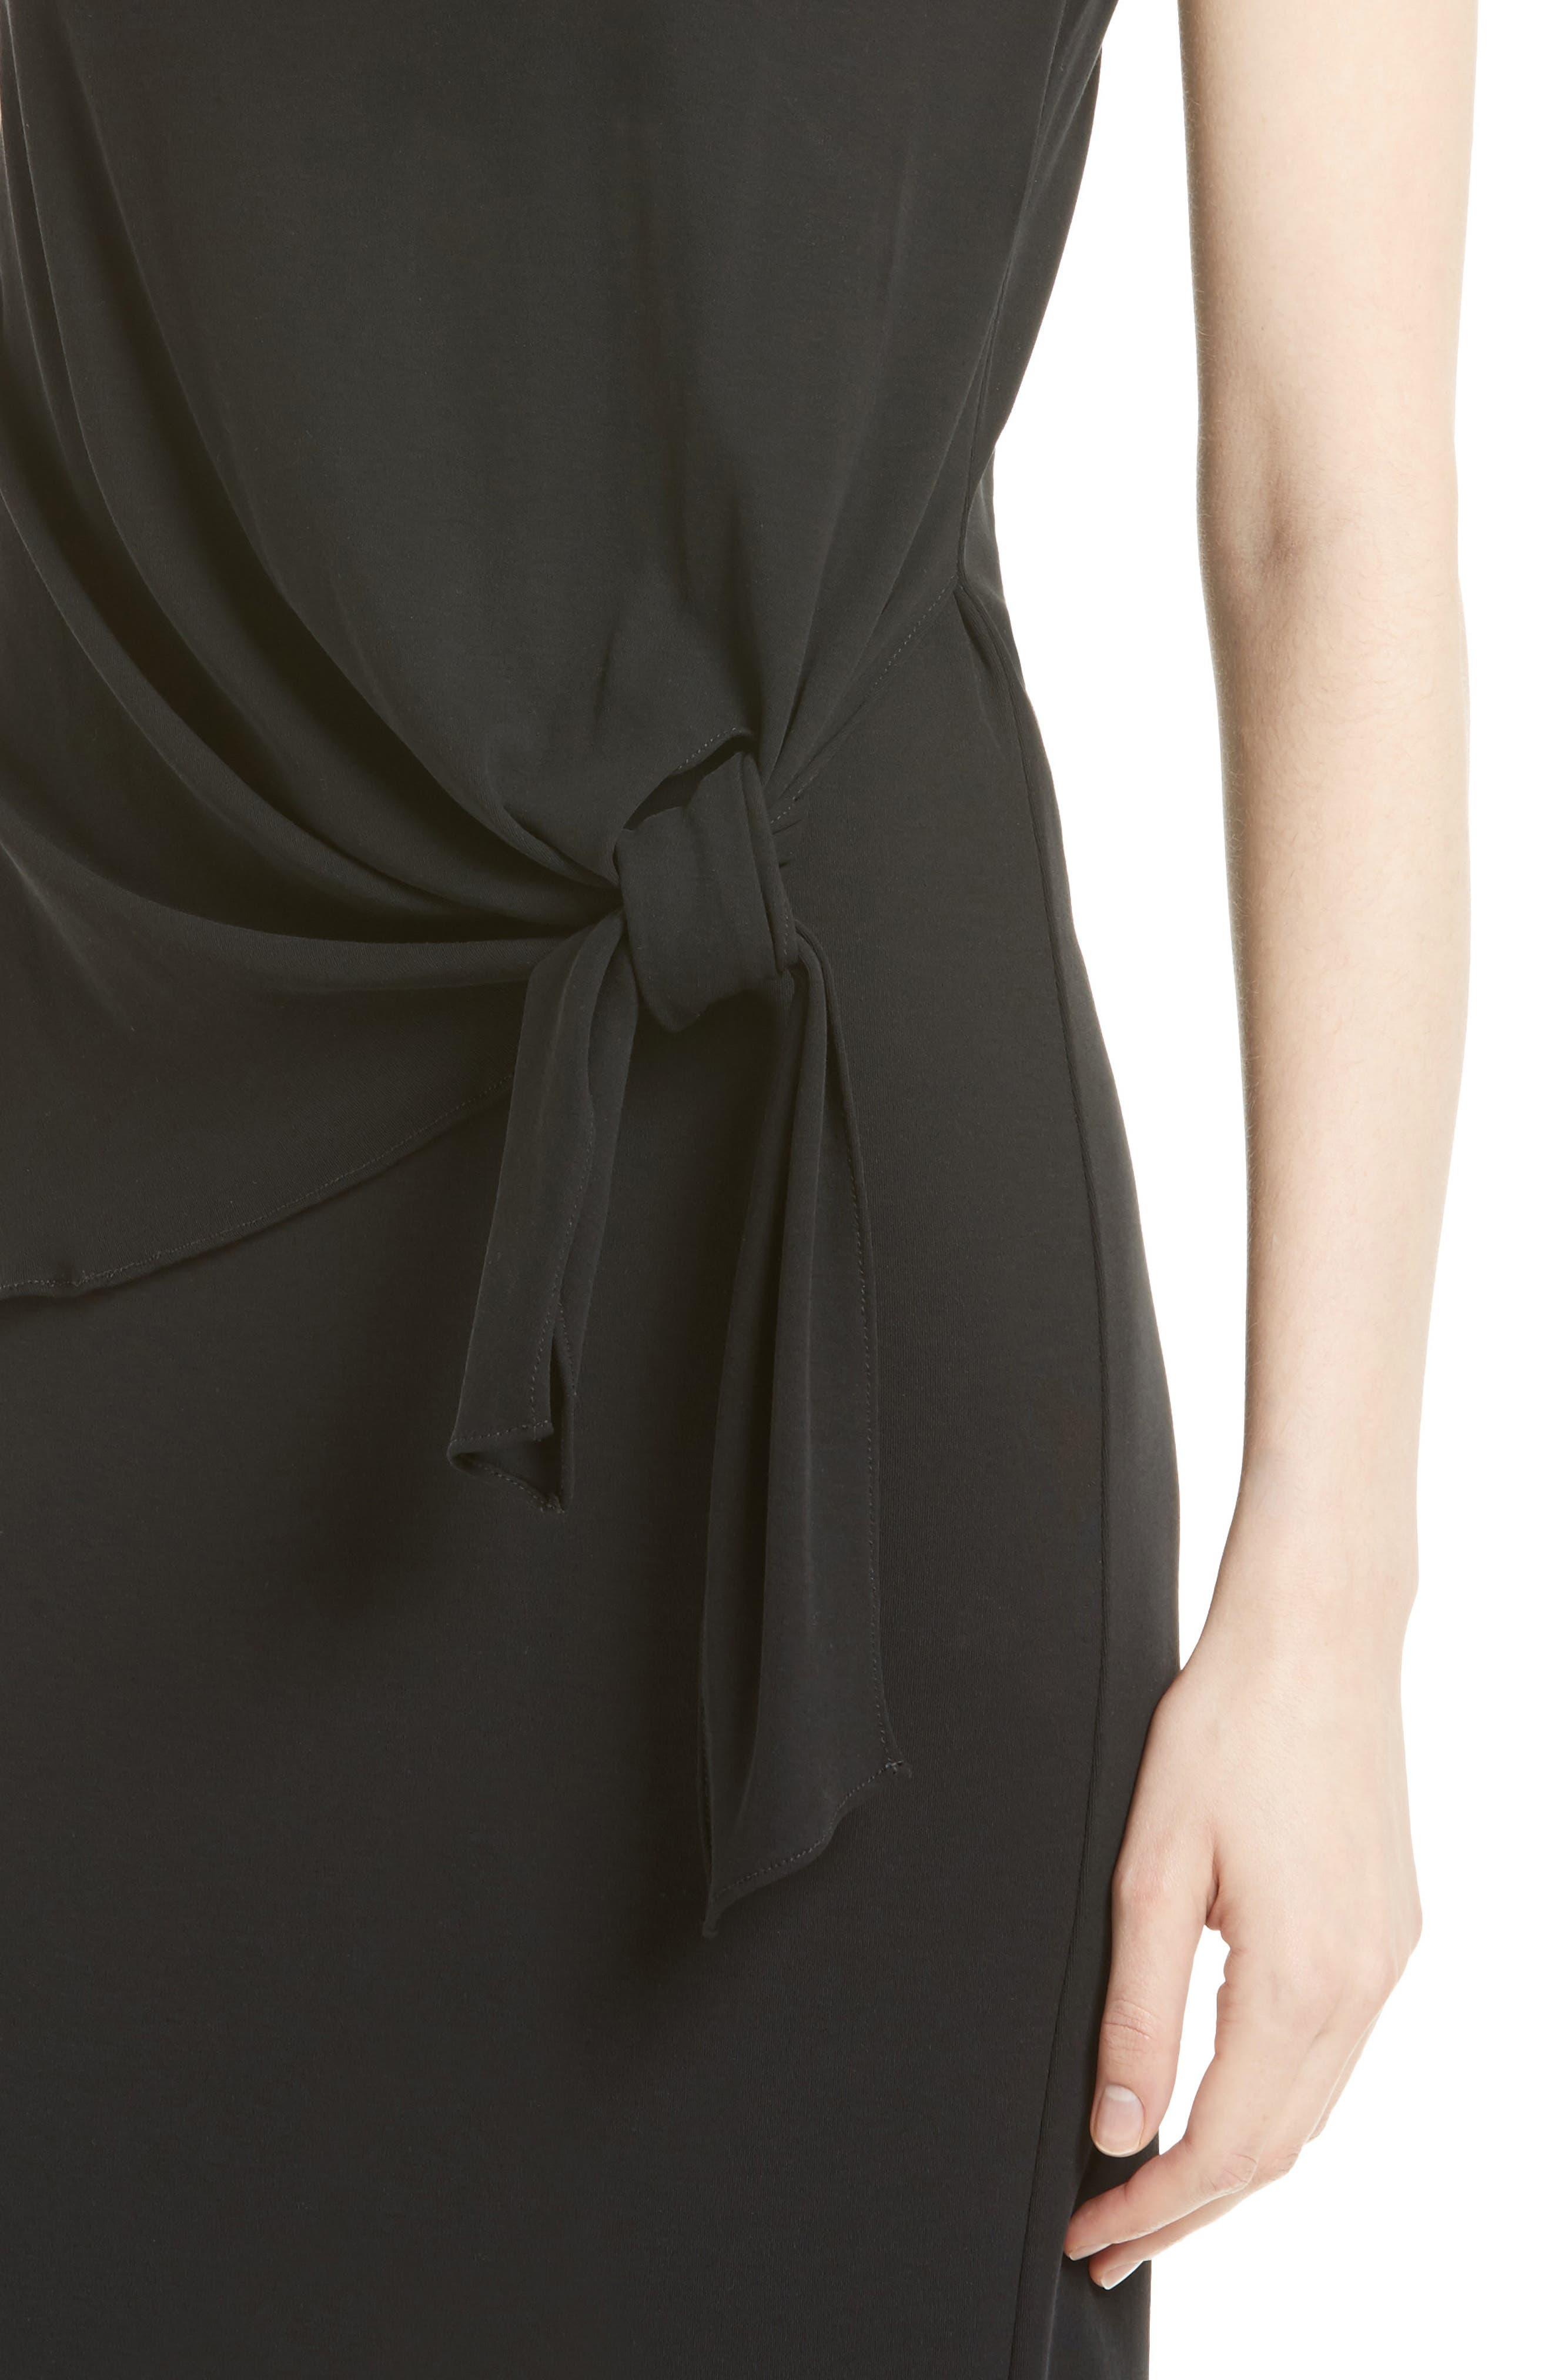 Dorotea K Tie Front Cotton Interlock Dress,                             Alternate thumbnail 4, color,                             001